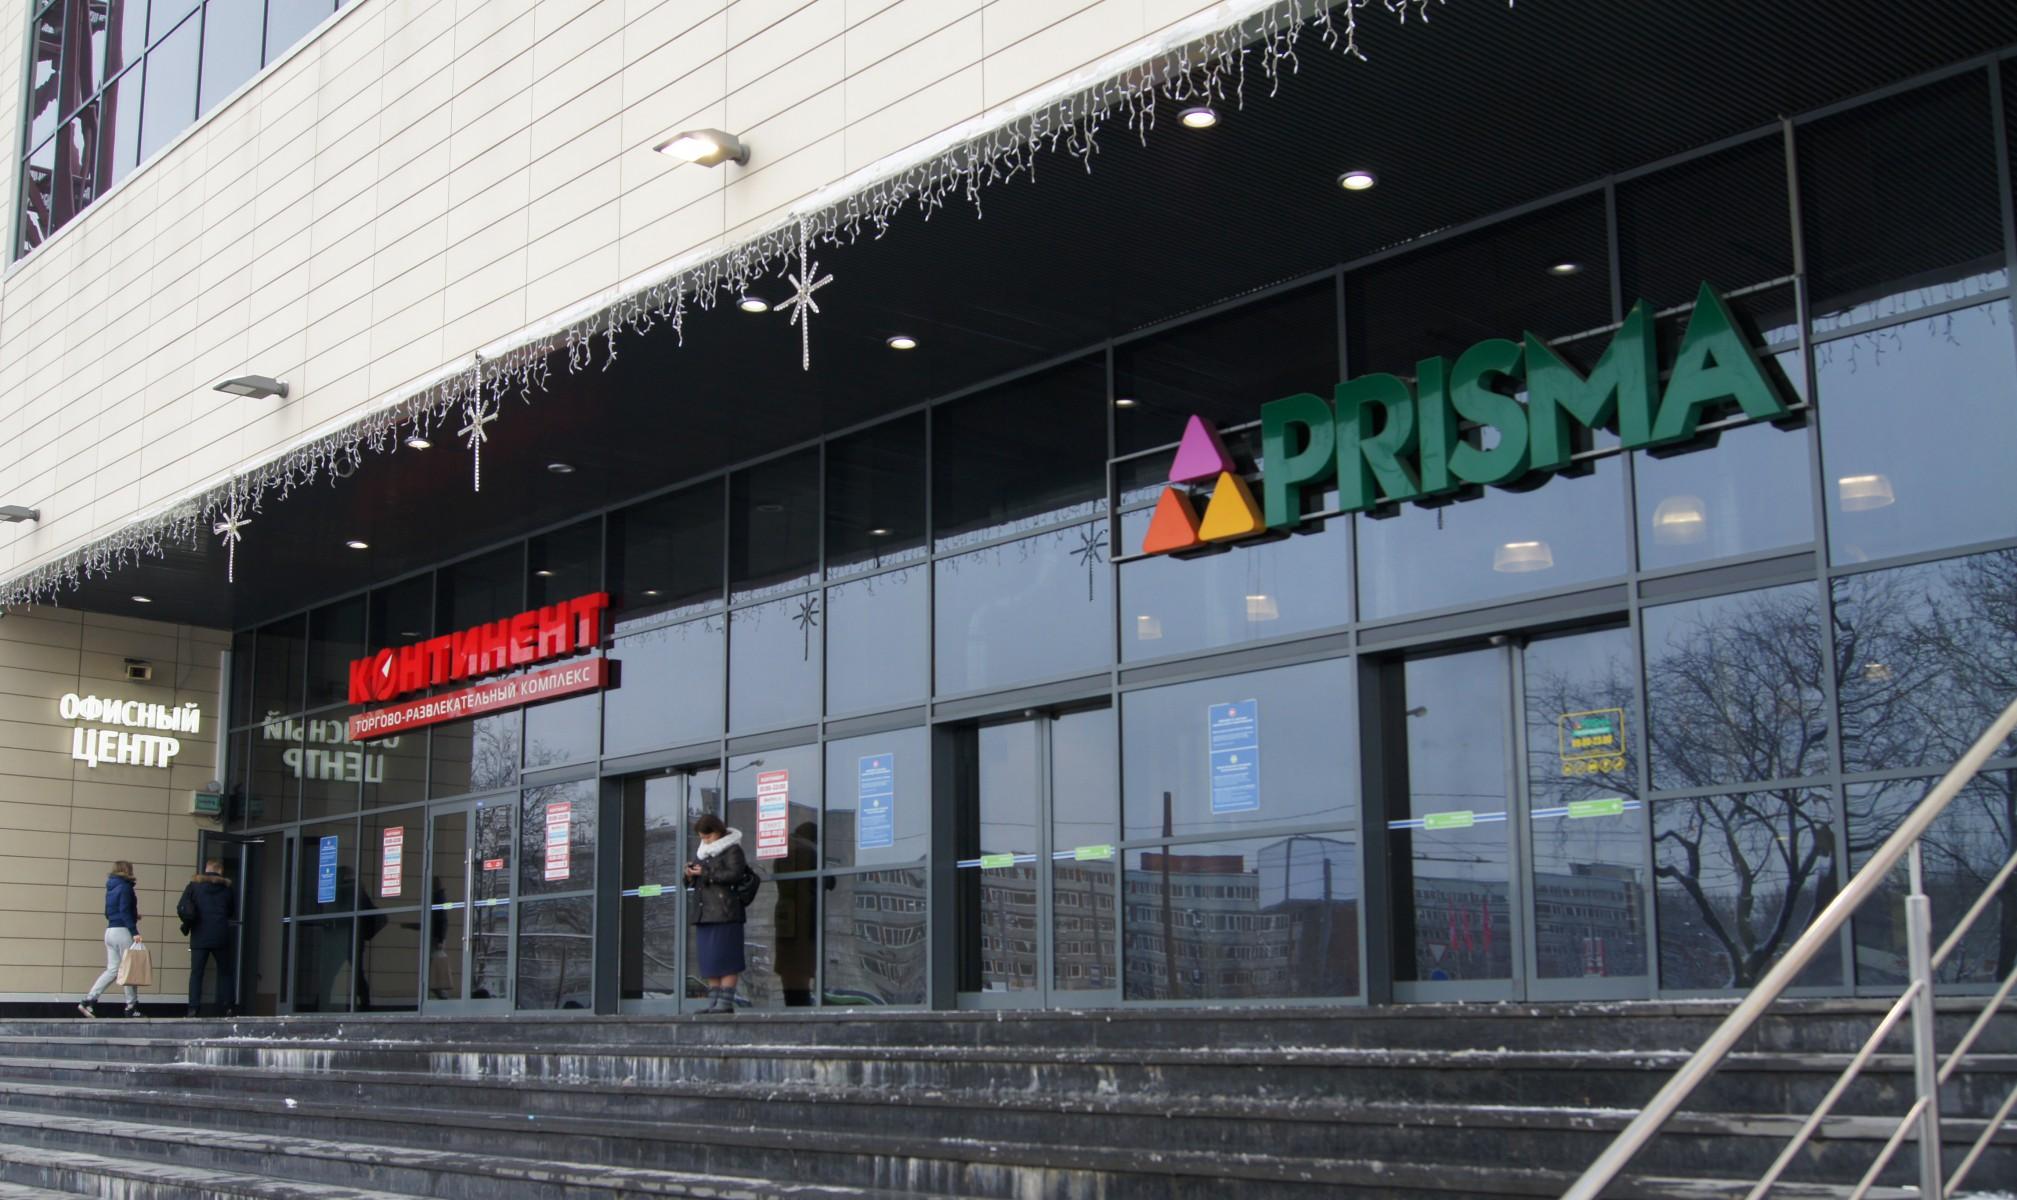 Адамант-строй, «Призма» в здании «Континент» на Байконурской, 1103